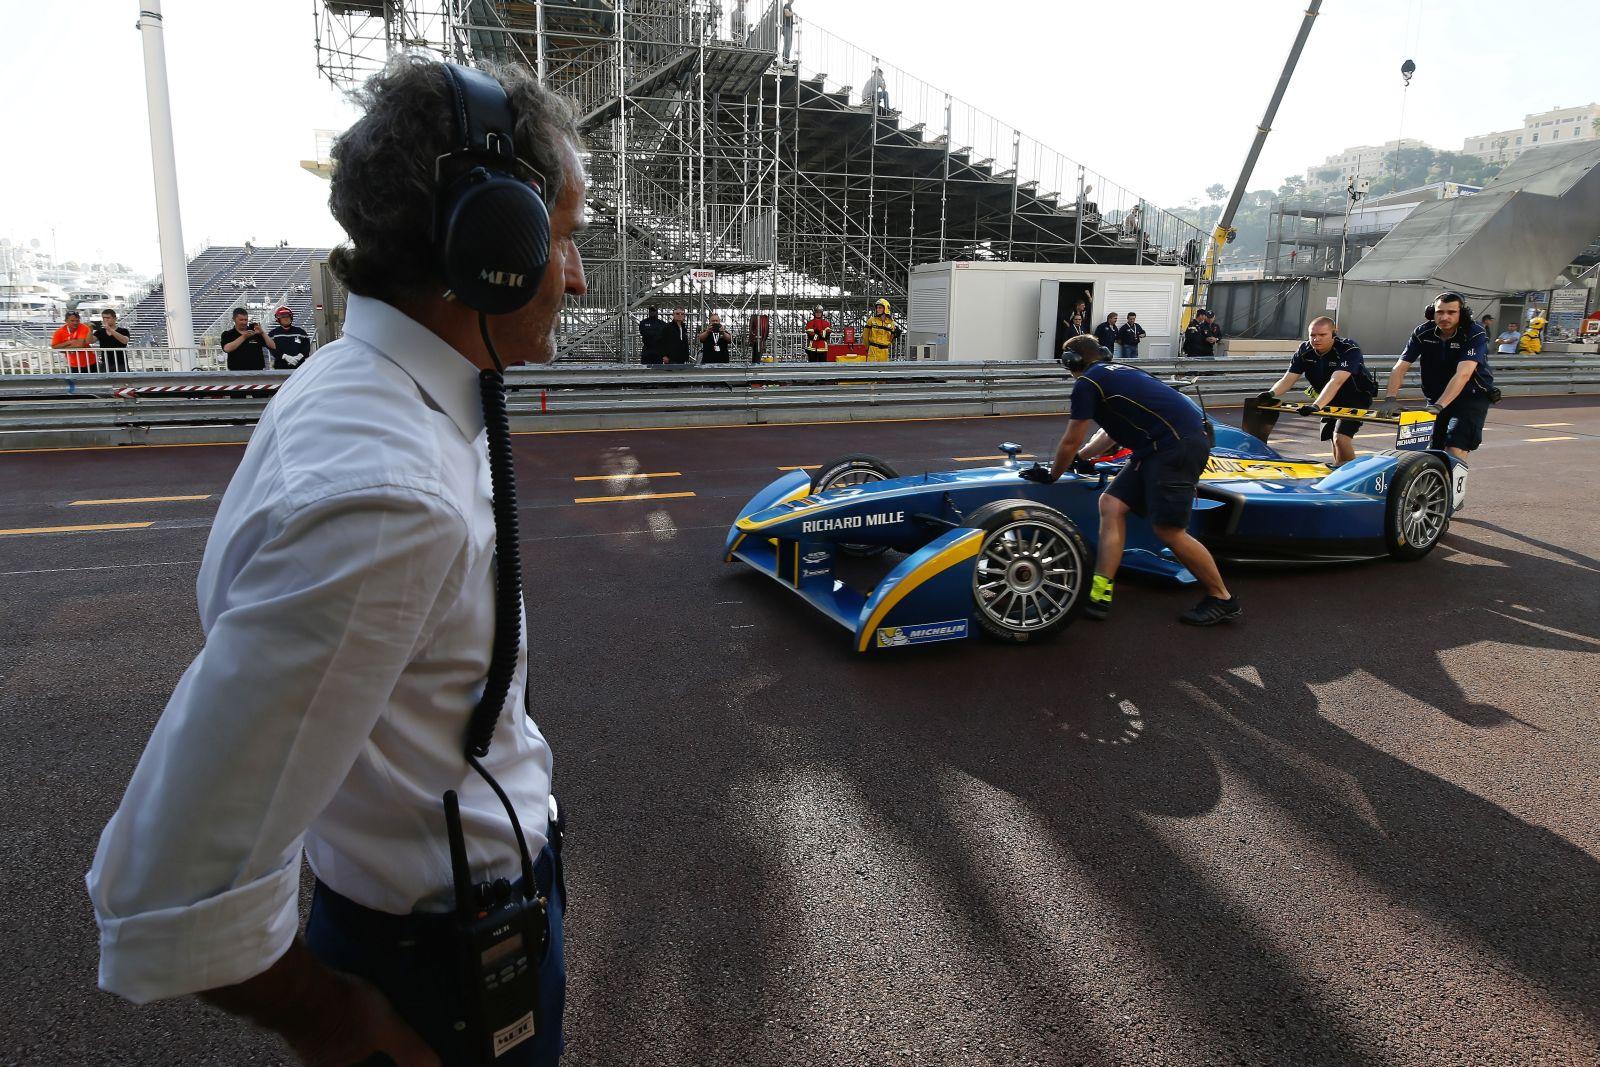 Nagyobb gondja van az F1-nek, mint az újratankolás: kevesebb futam, jobb rádiózás